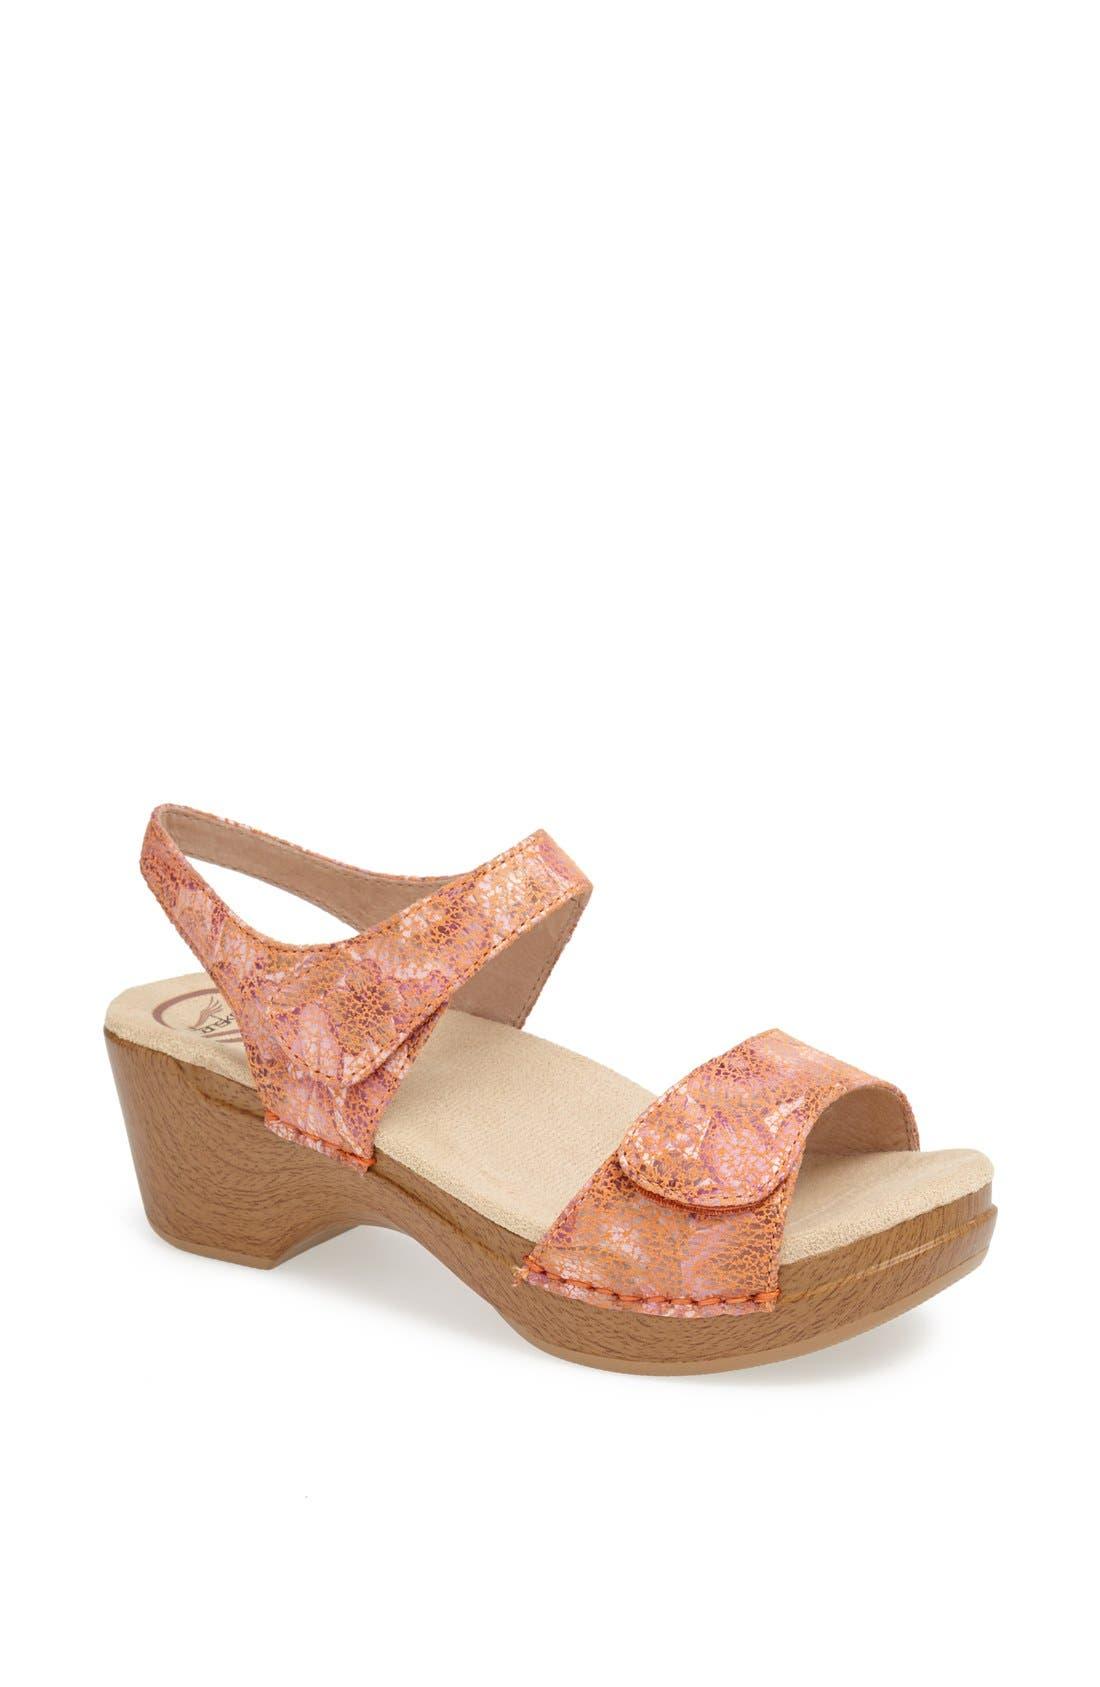 Alternate Image 1 Selected - Dansko 'Sonnet' Sandal